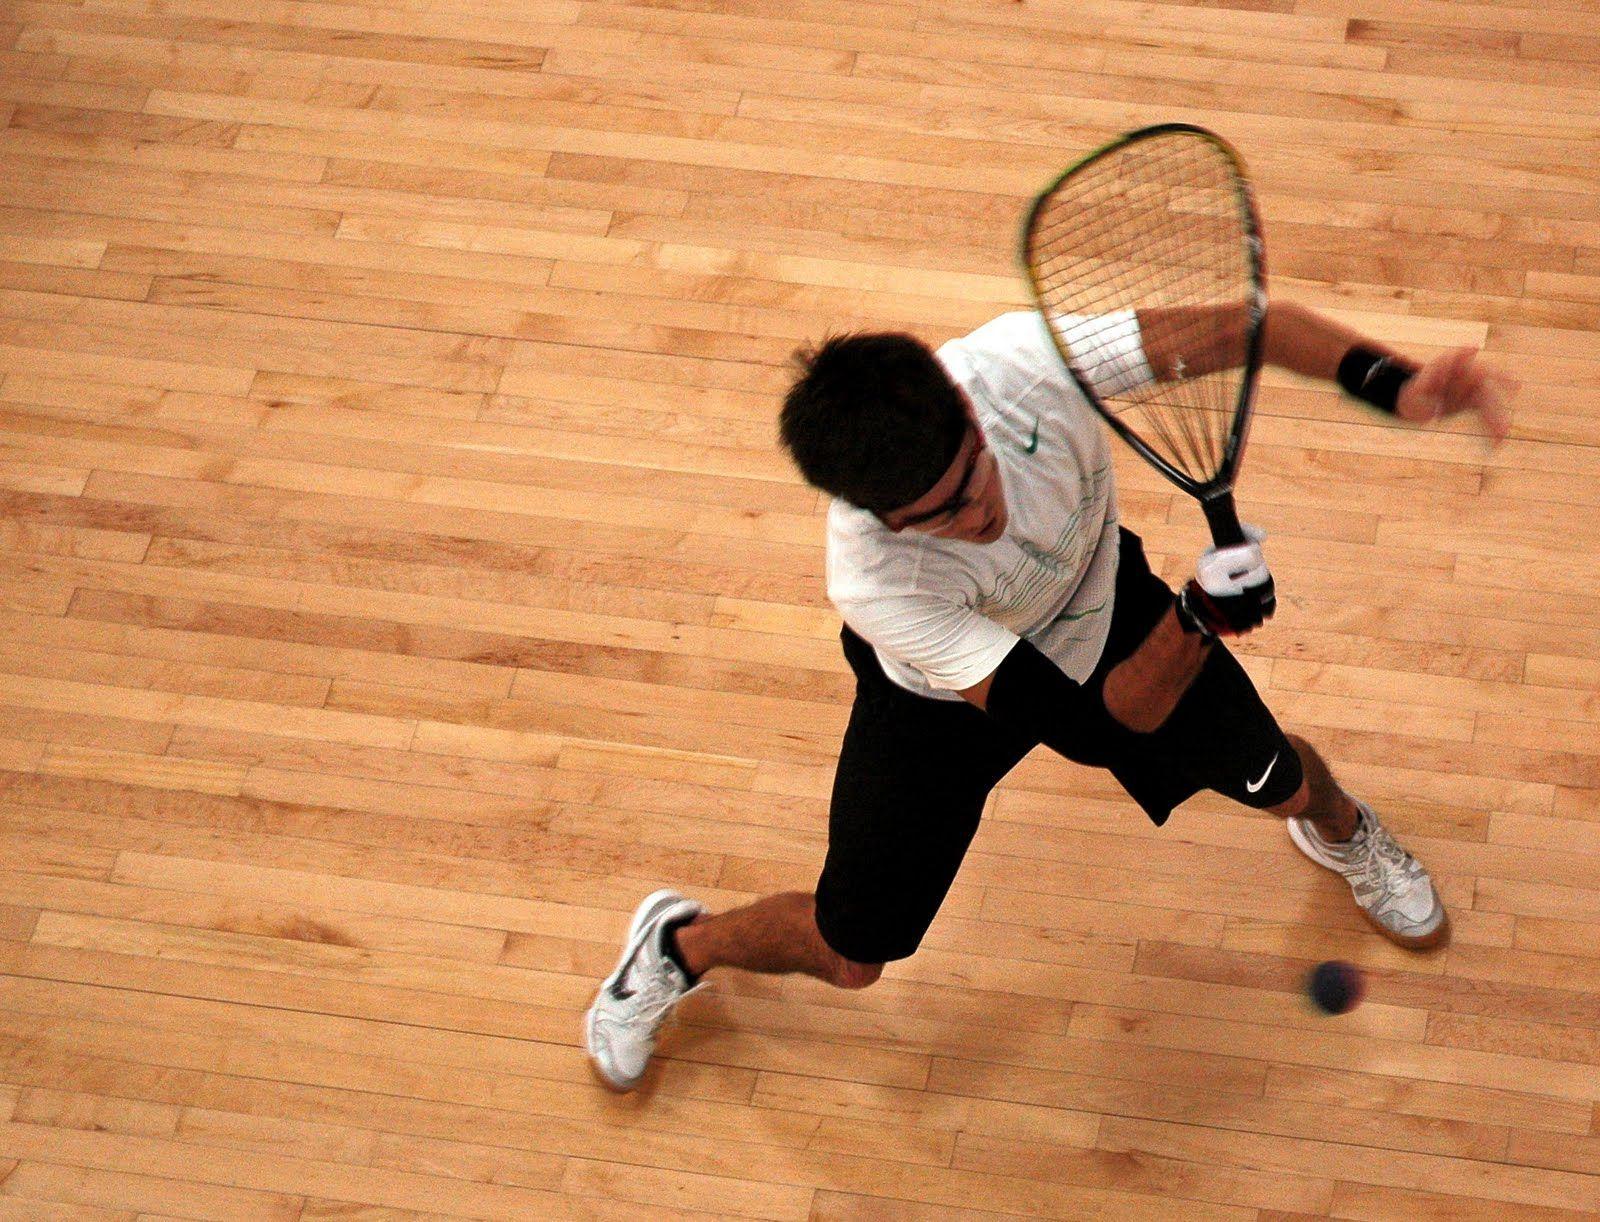 December 2011 racquetball tennis racket us open